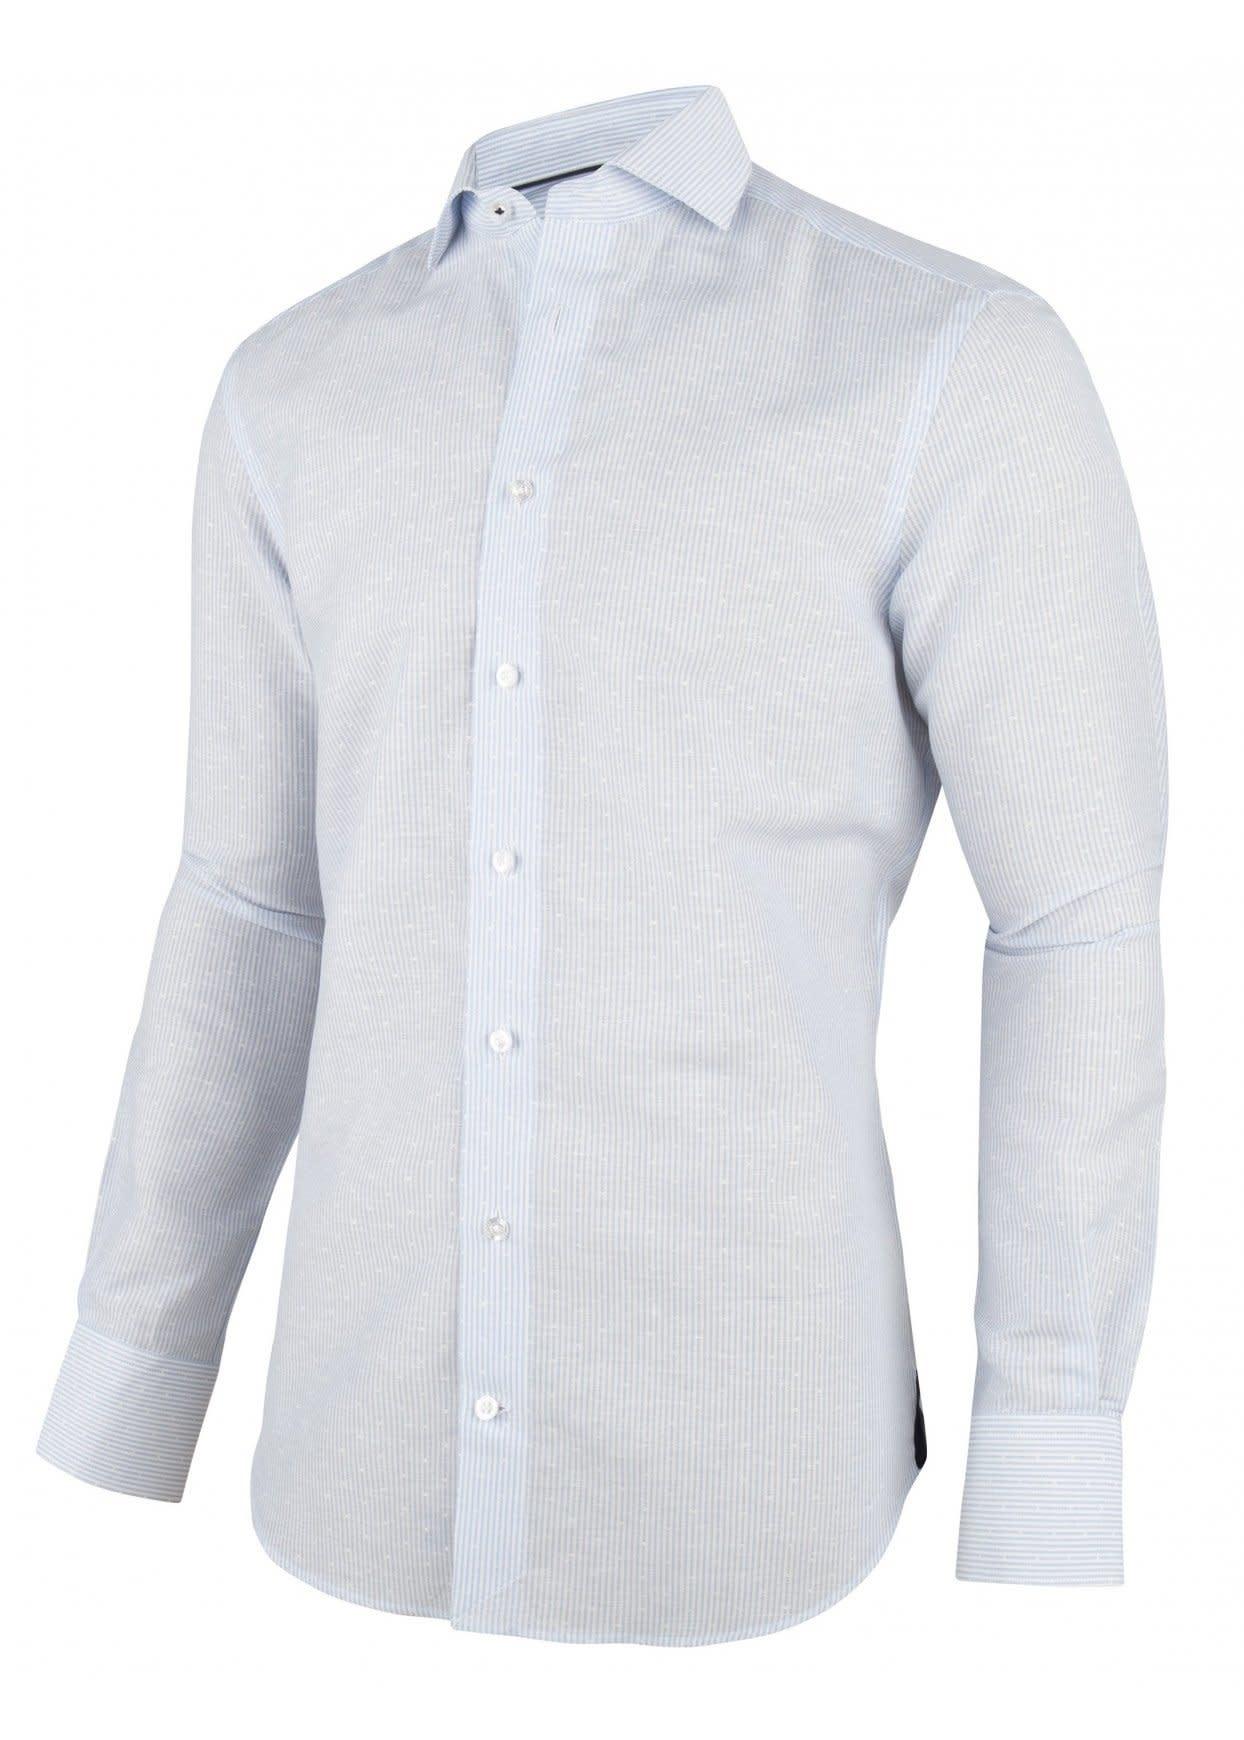 Bari overhemd-1